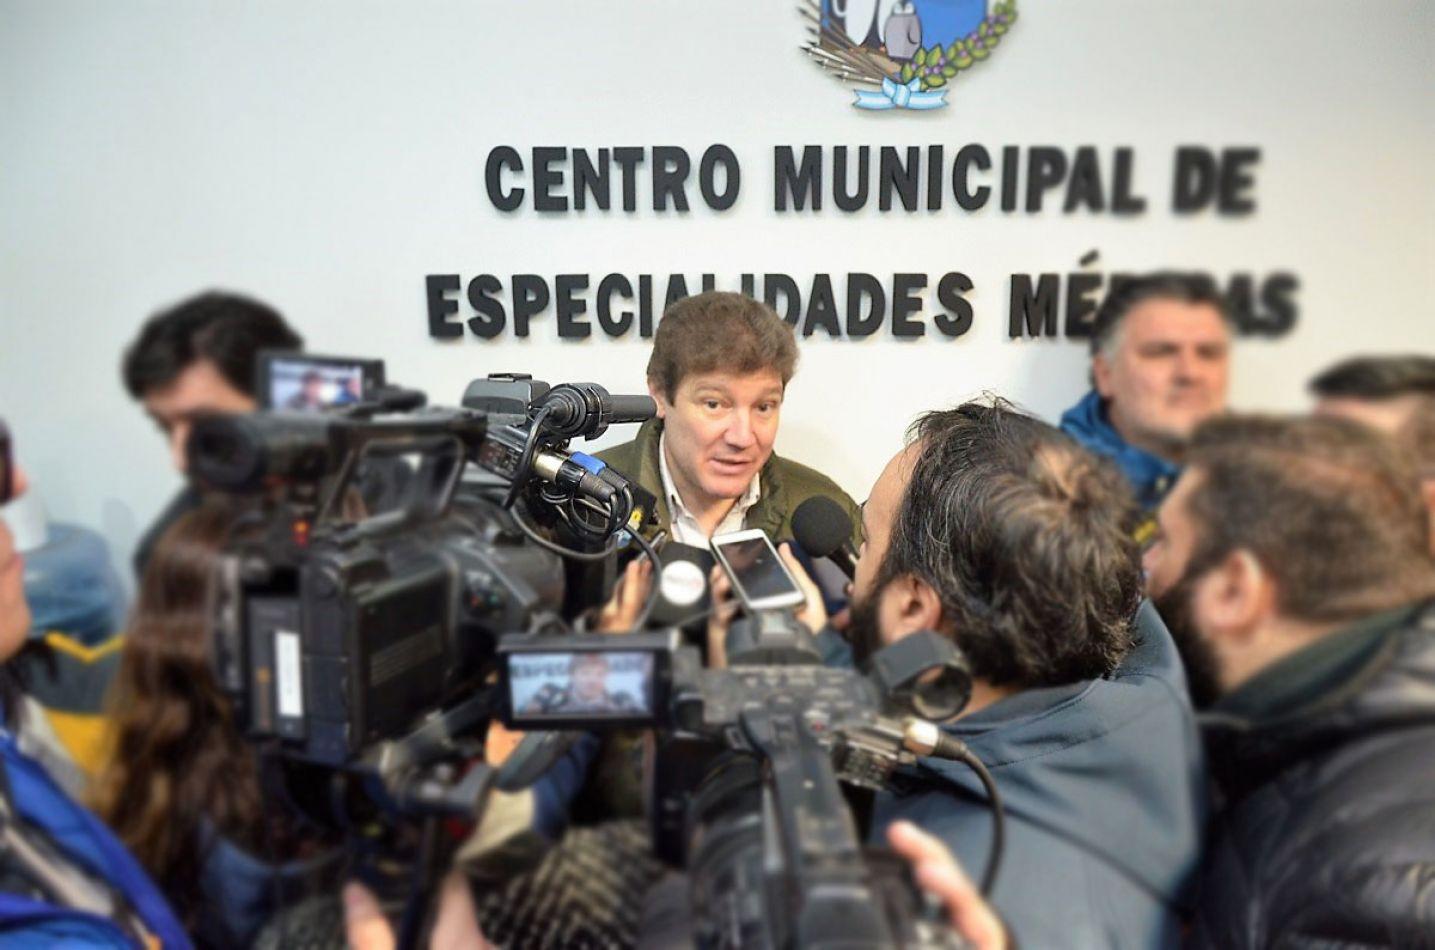 Melella frente a los periodistas en la inauguración del Centro Municipal de Especialidades Médicas.